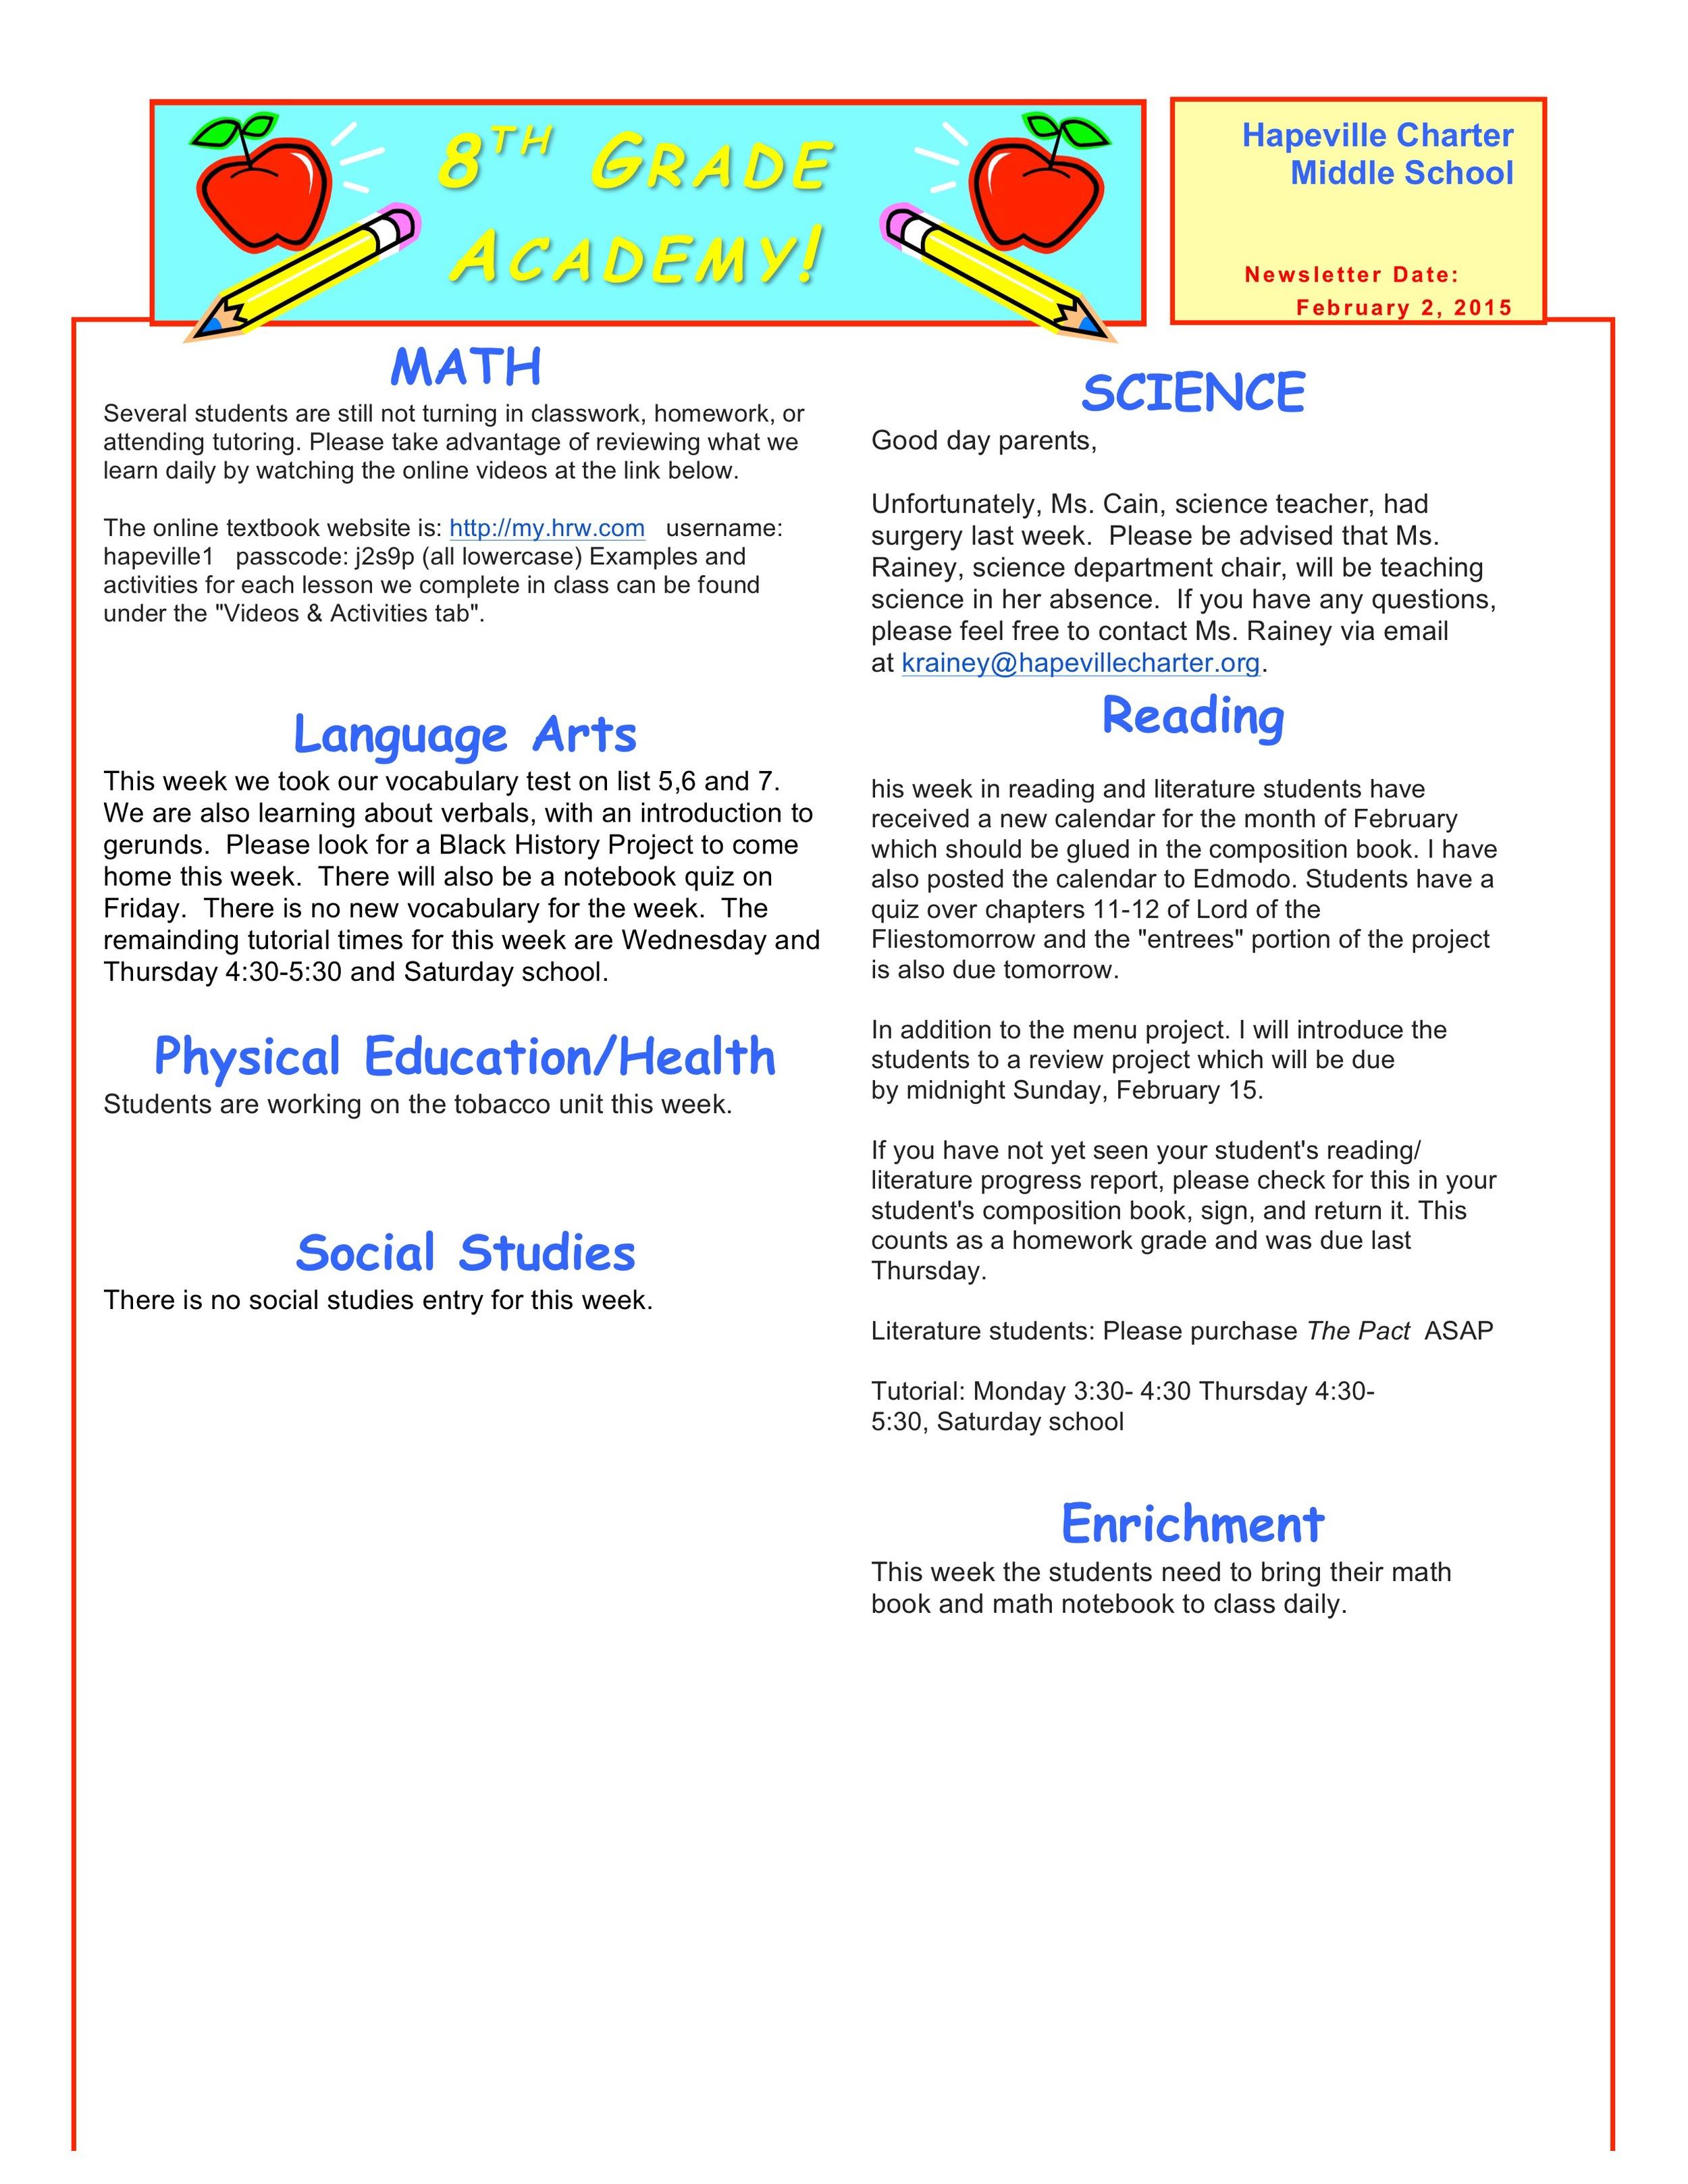 Newsletter Image8th grade February 2 .jpeg